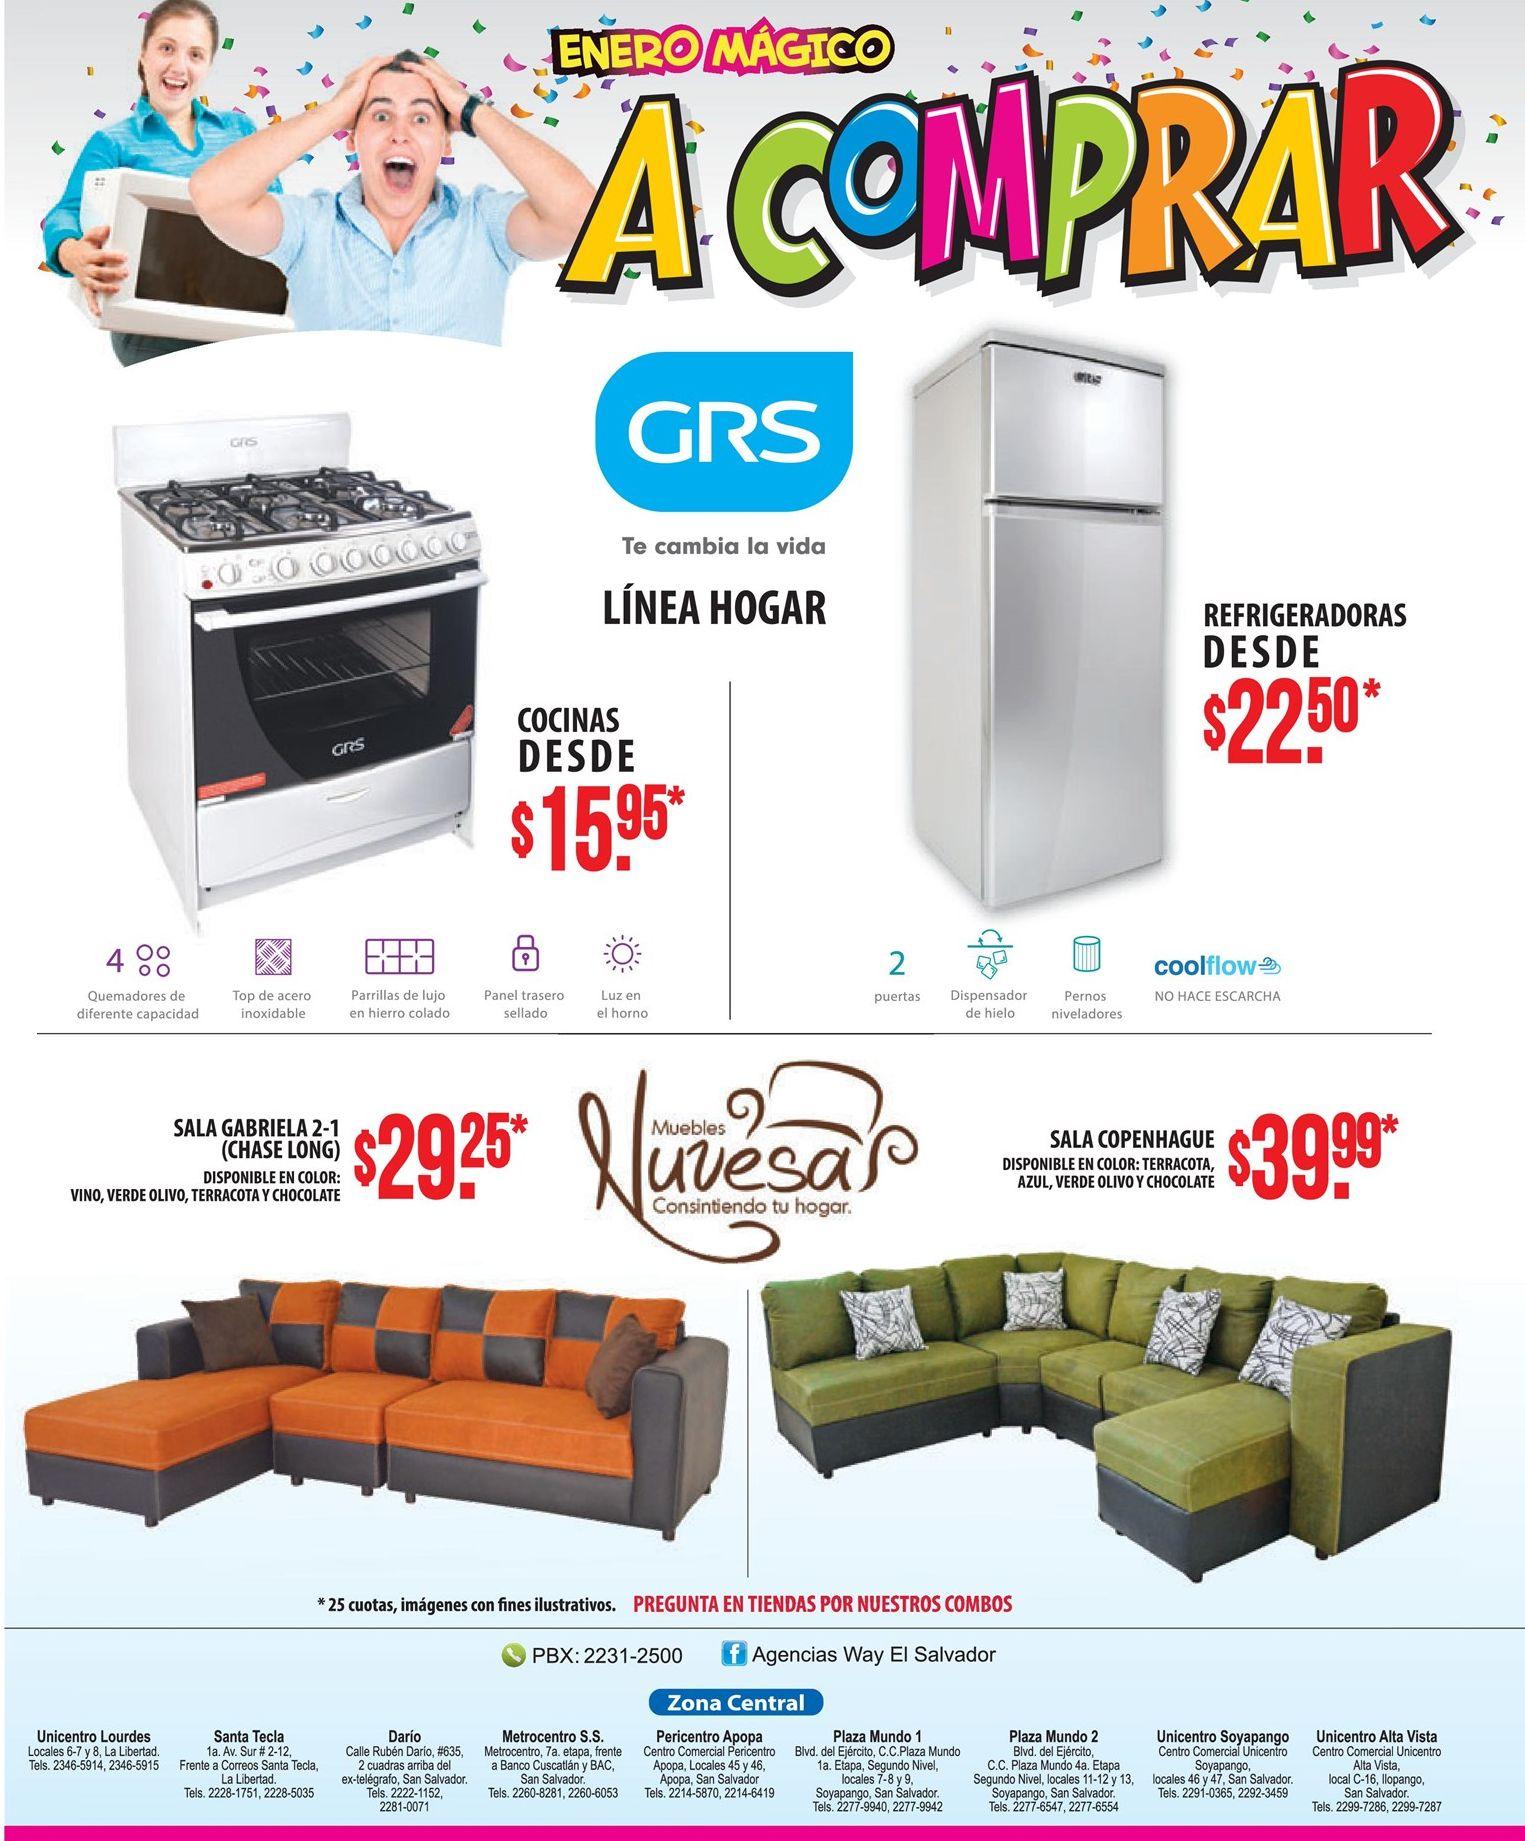 Compras de muebles y electrodomesticos en way 2017 for Compra de muebles